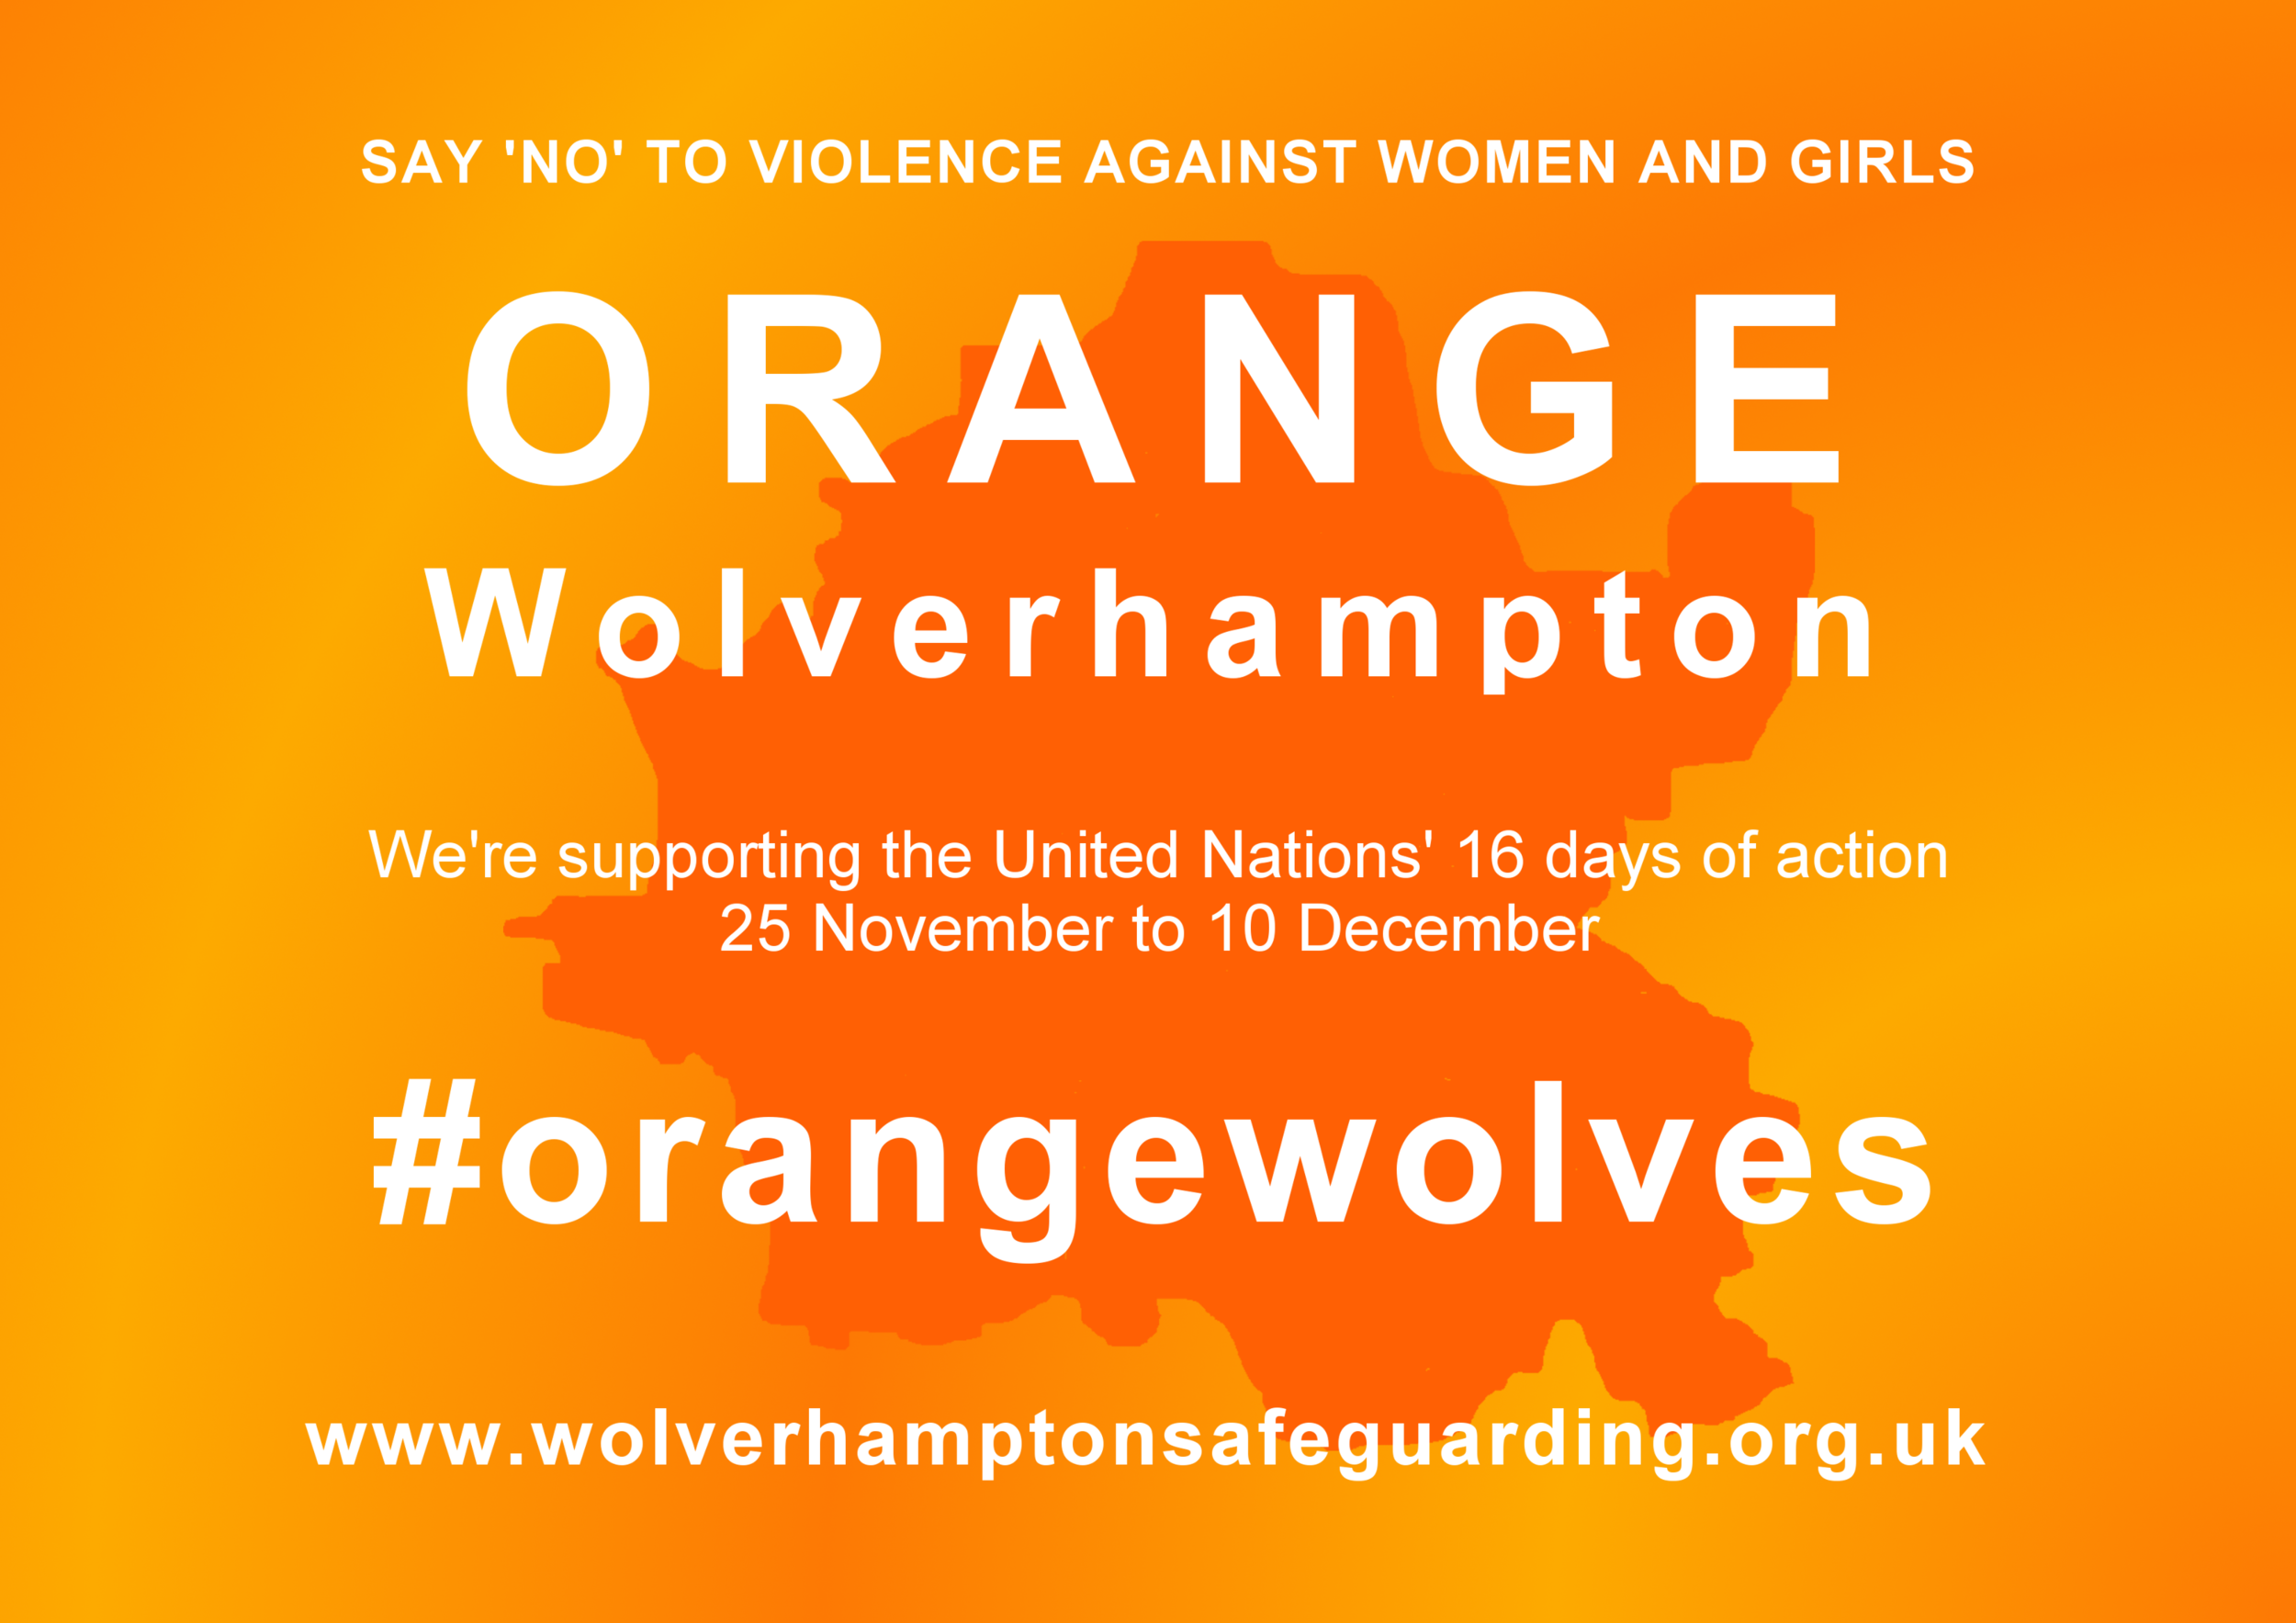 A4-orange-wolves-poster-300dpi.png